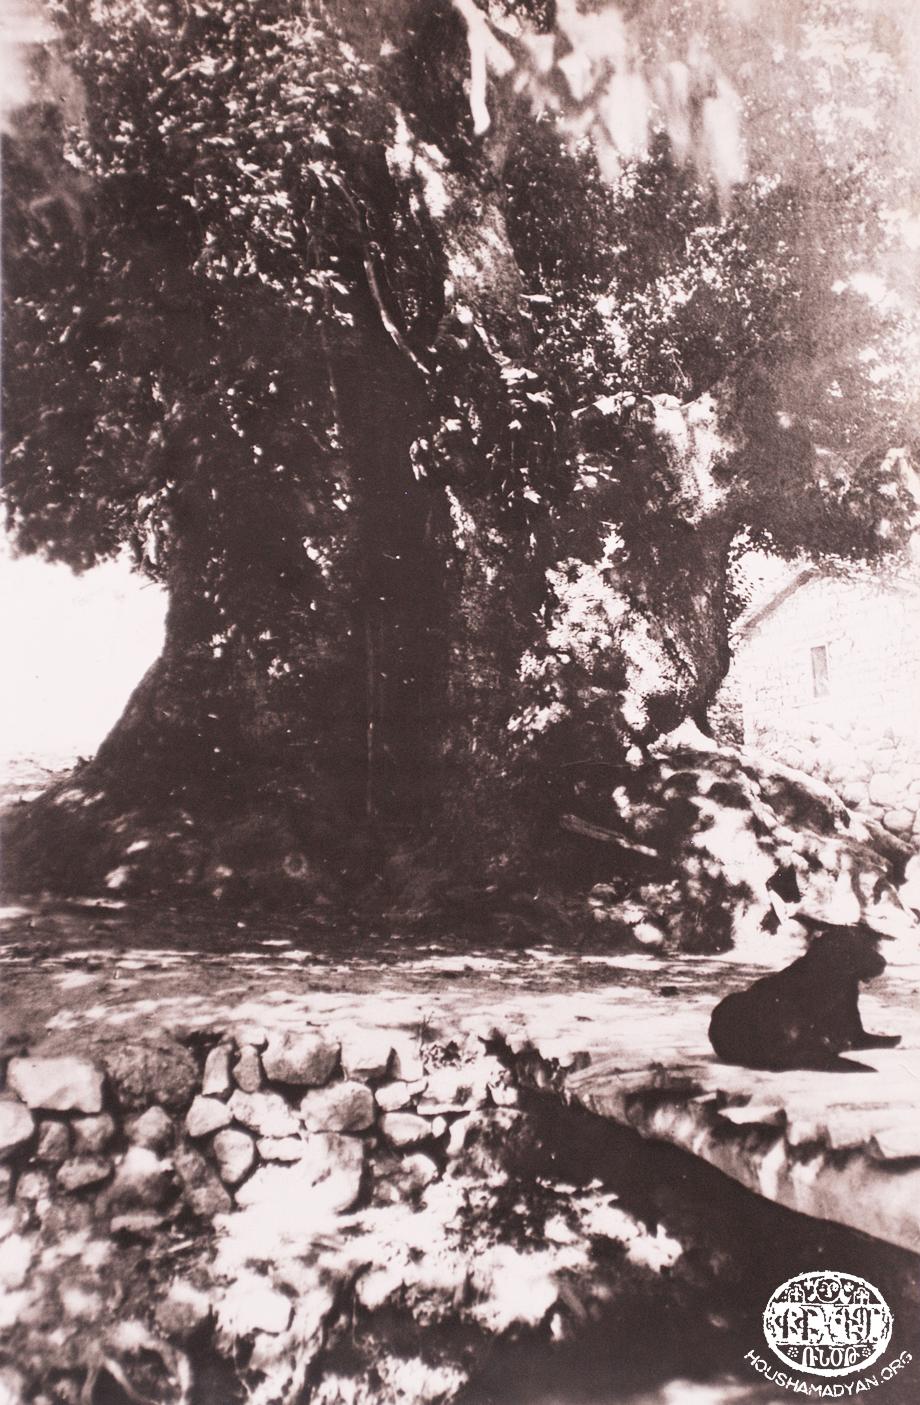 Խտրպէկ գիւղին մէջ Սօսիի ծառը